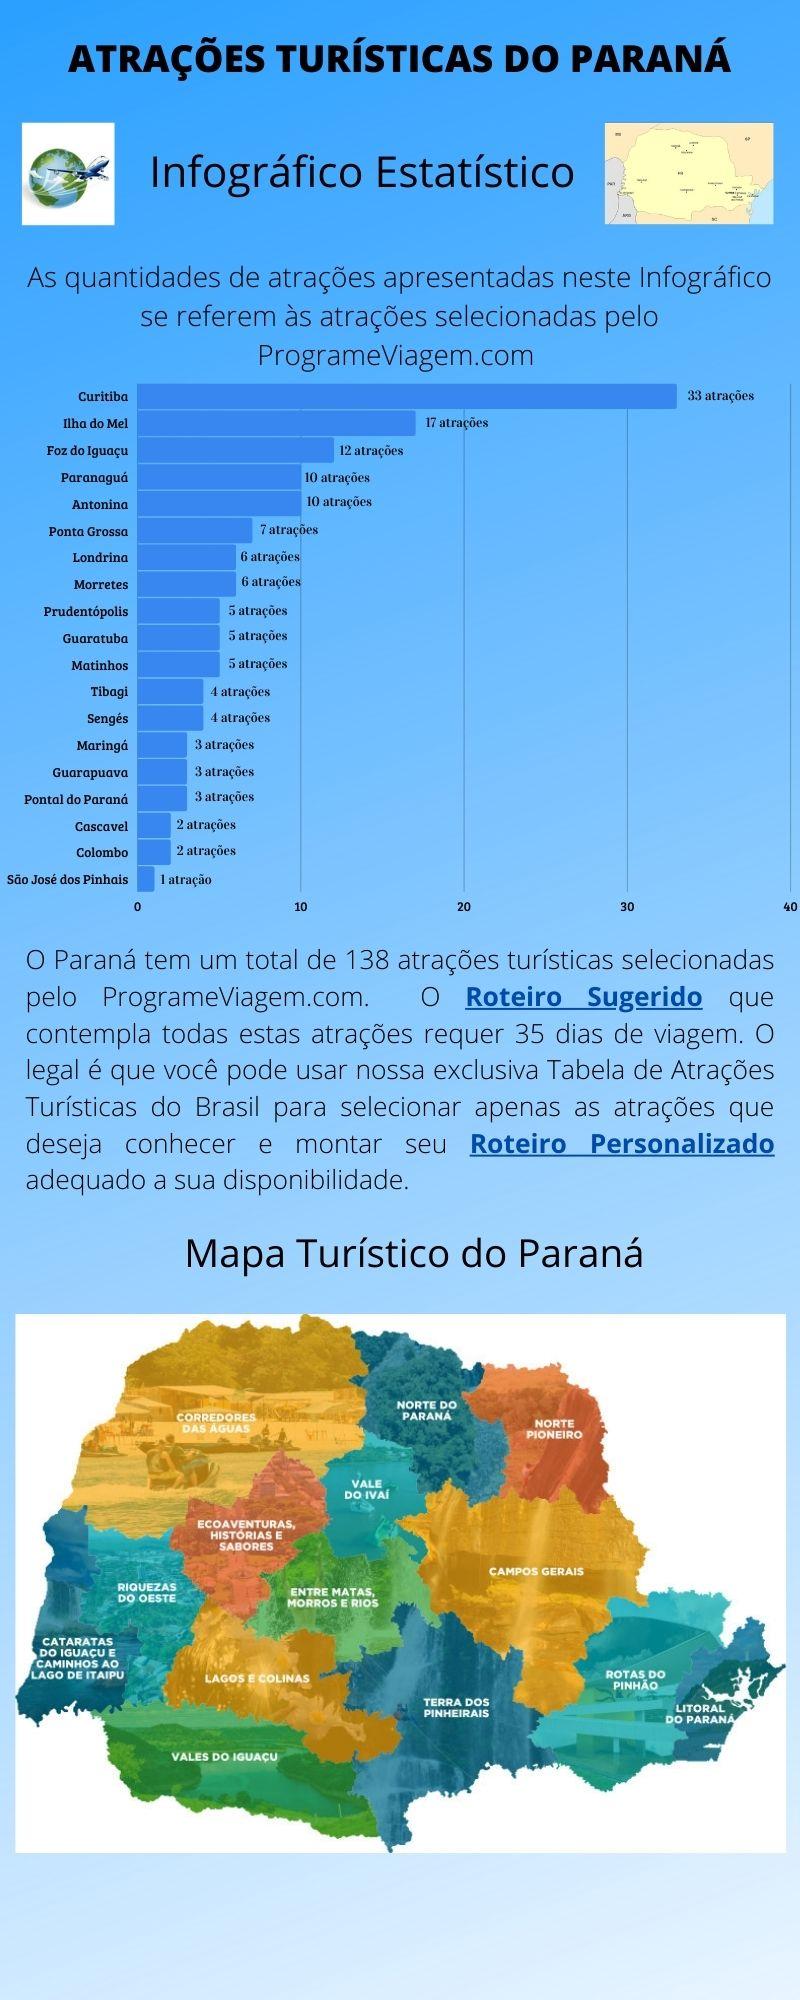 Infográfico Atrações Turísticas do Paraná 1